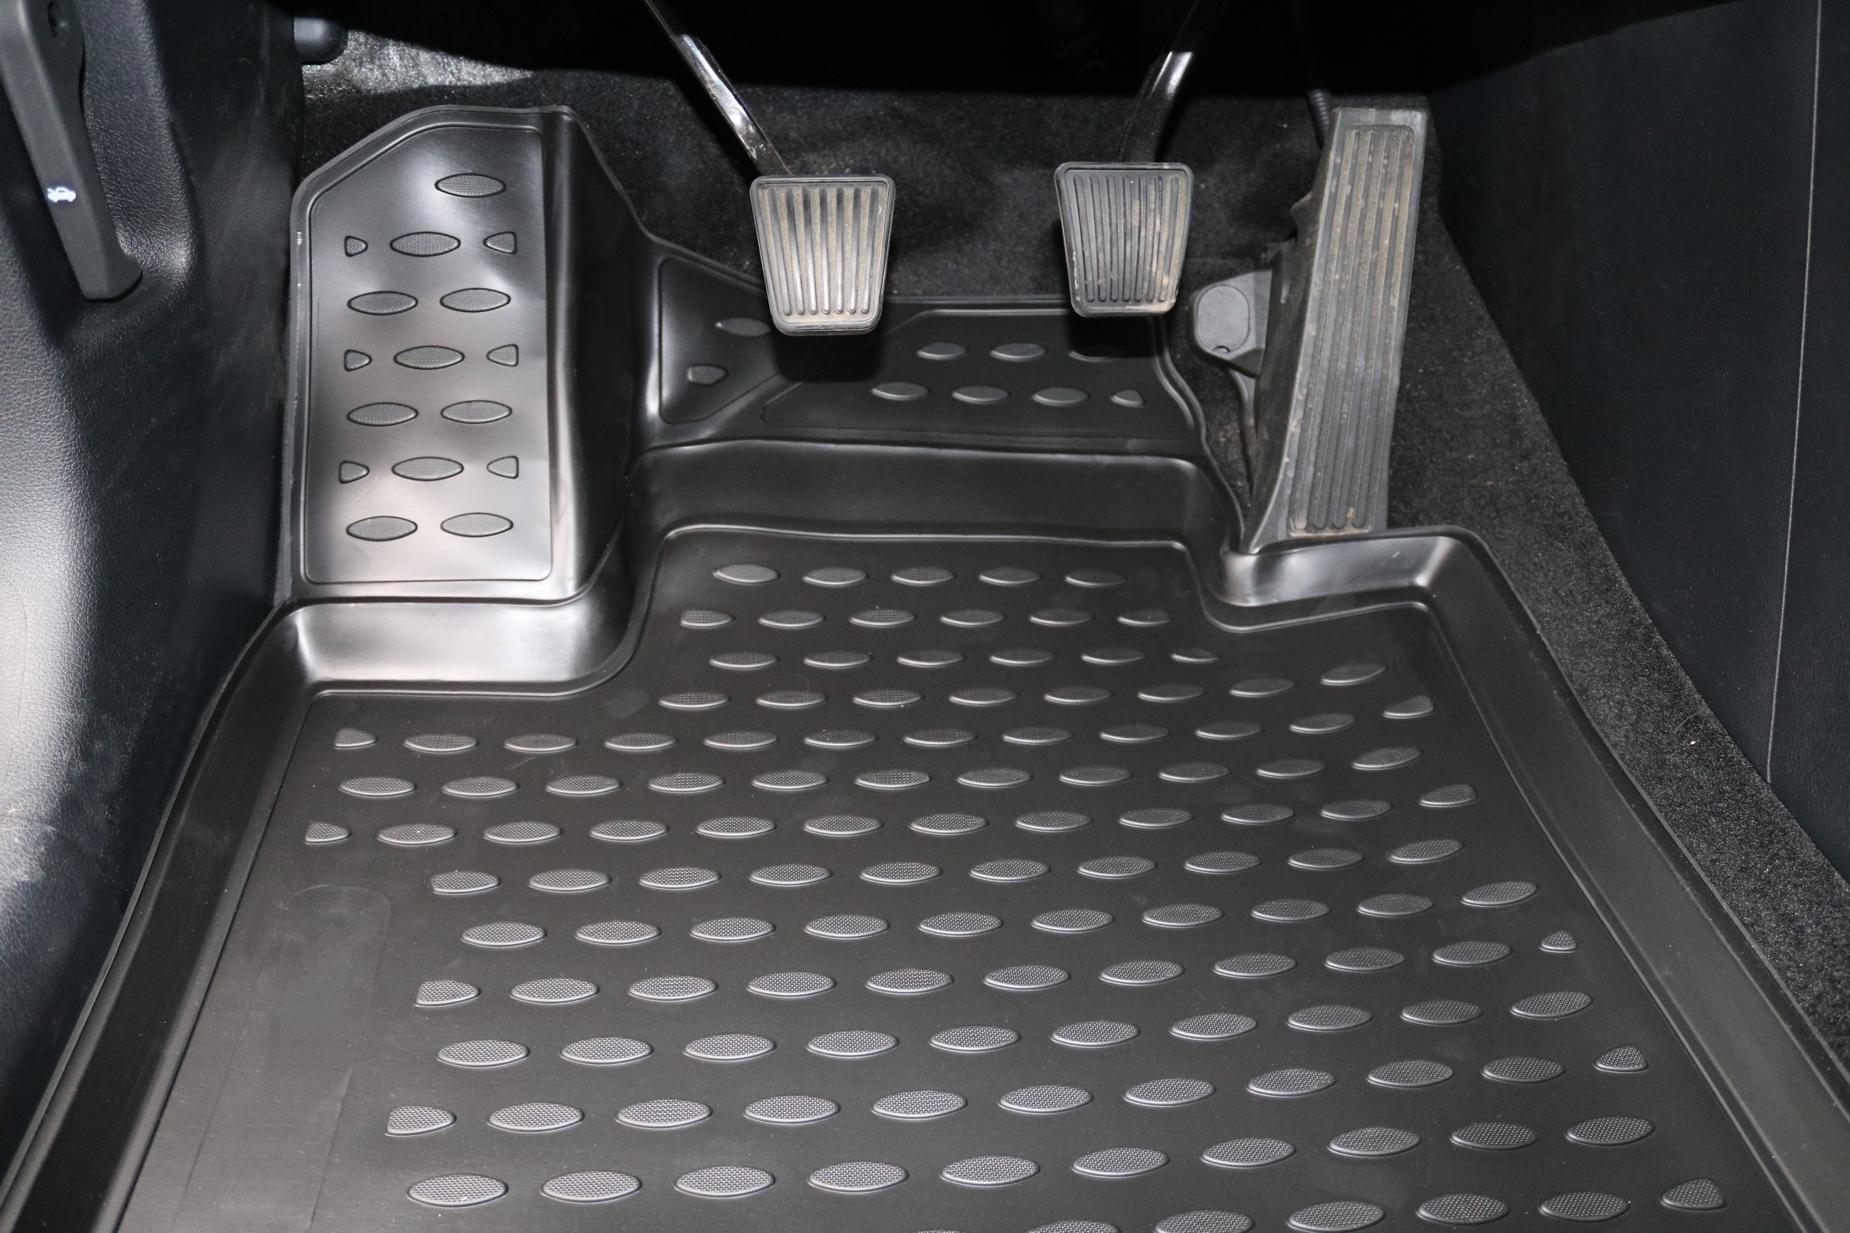 Gummimatten-VW-Tiguan-5N-ab-2007-Gummi-Fussmatten-5-teilig-3D-Schalen-Qualitaet